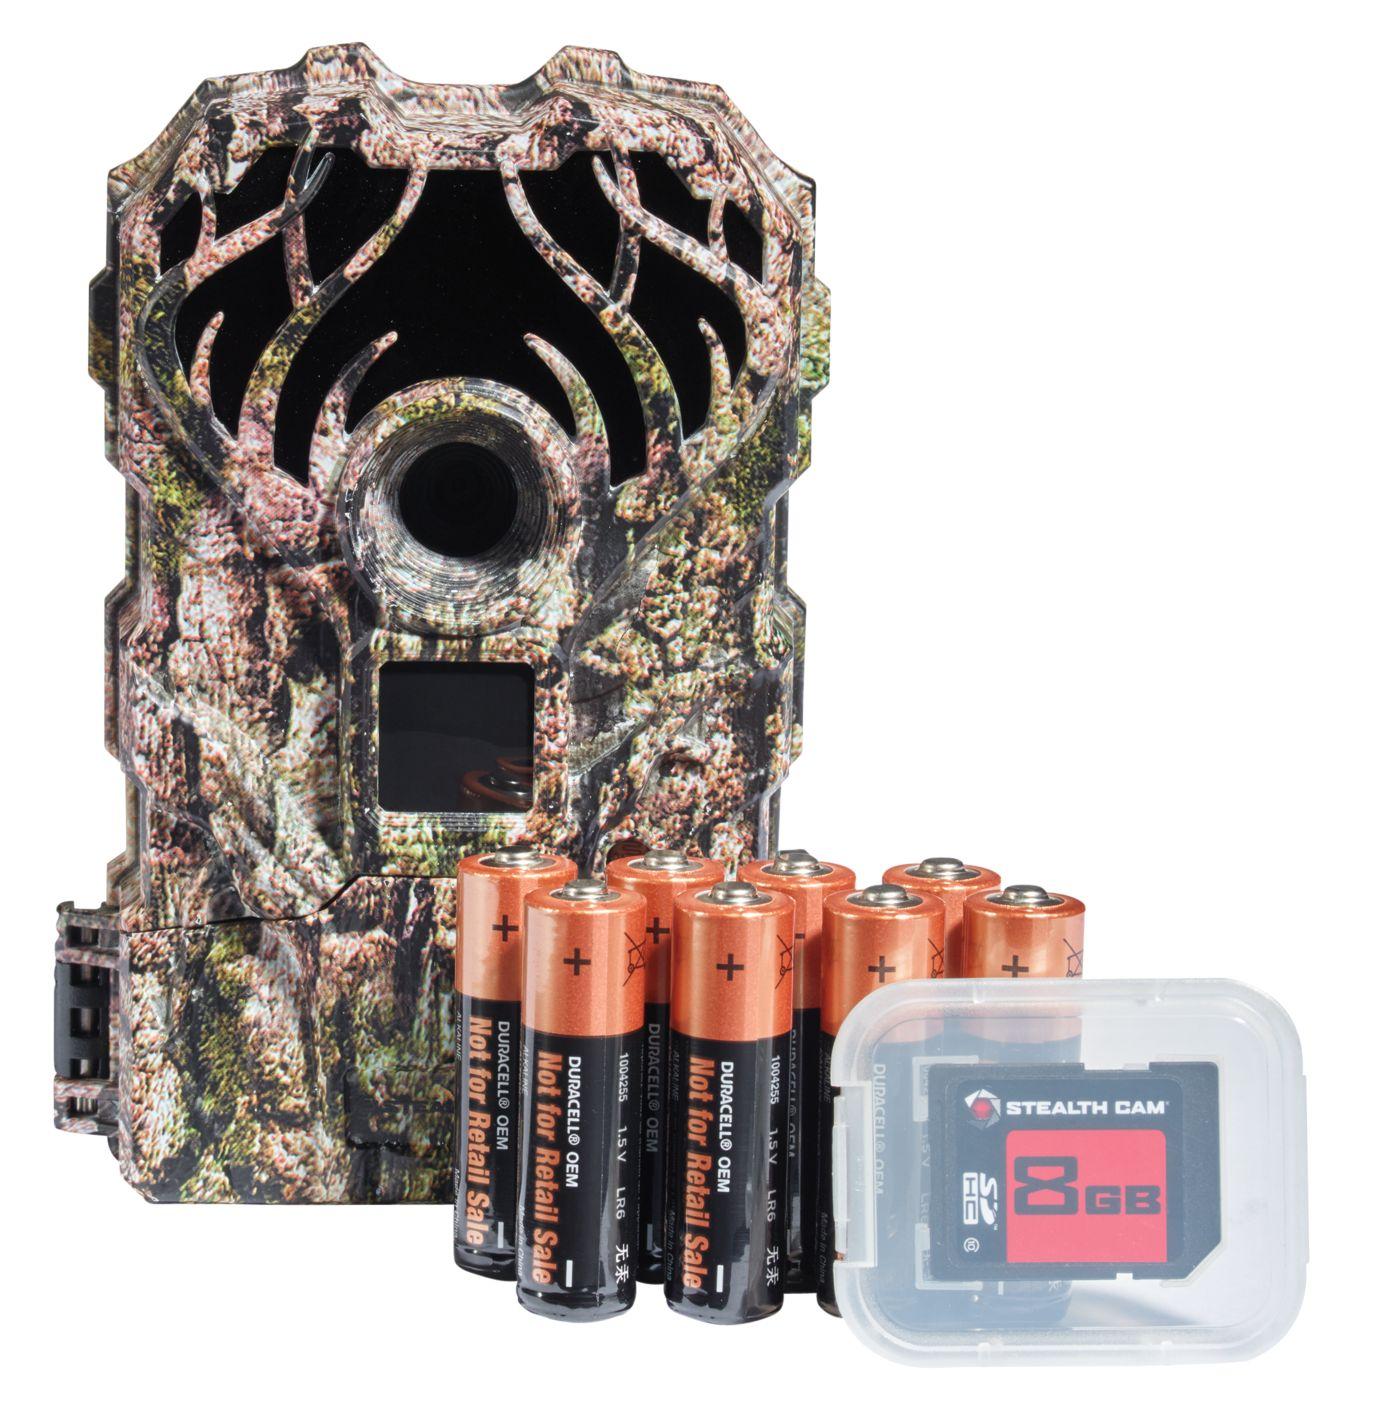 Stealth Cam Droptine Trail Camera – 14MP